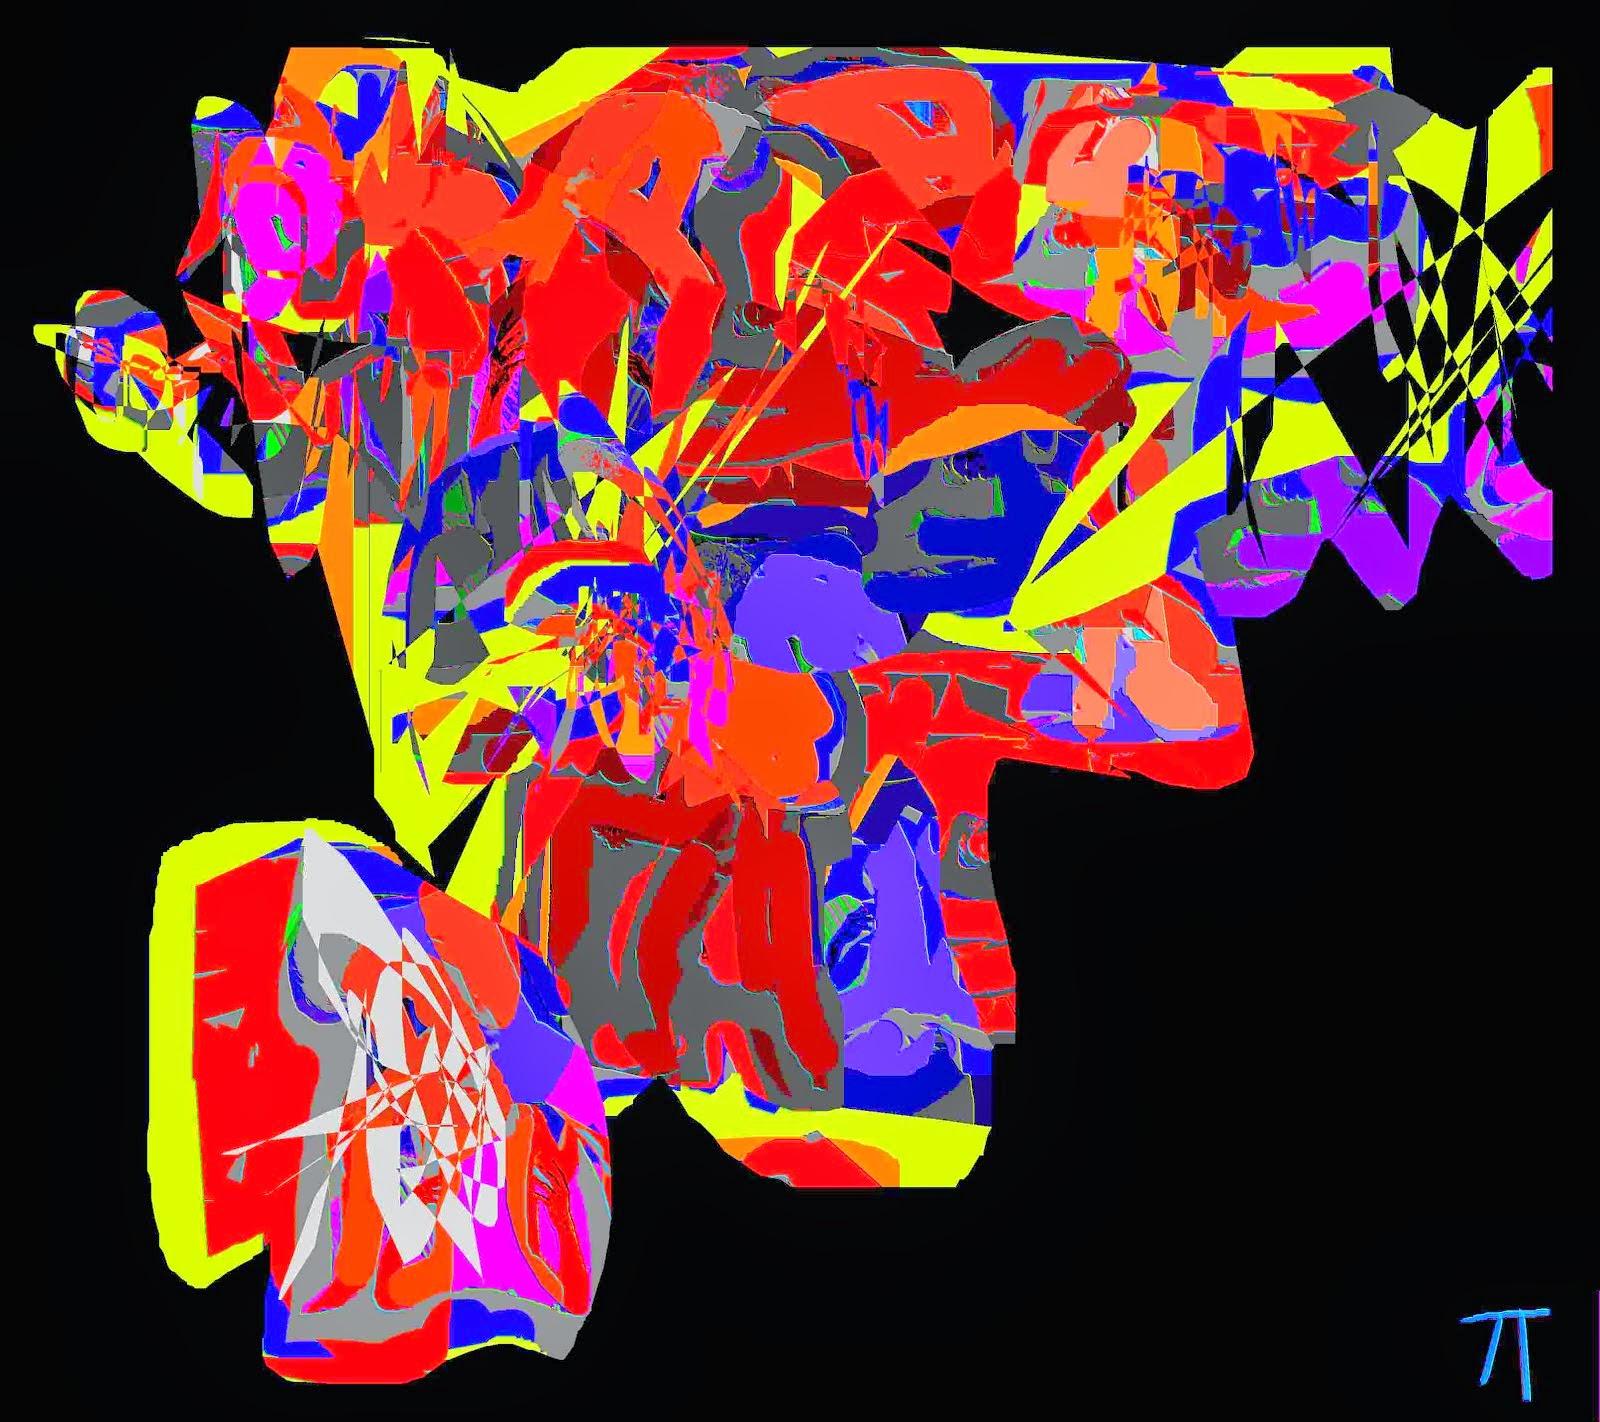 couleurs graffiti formule mischa vetere lausanne instructive non conformE peinture mvART4u